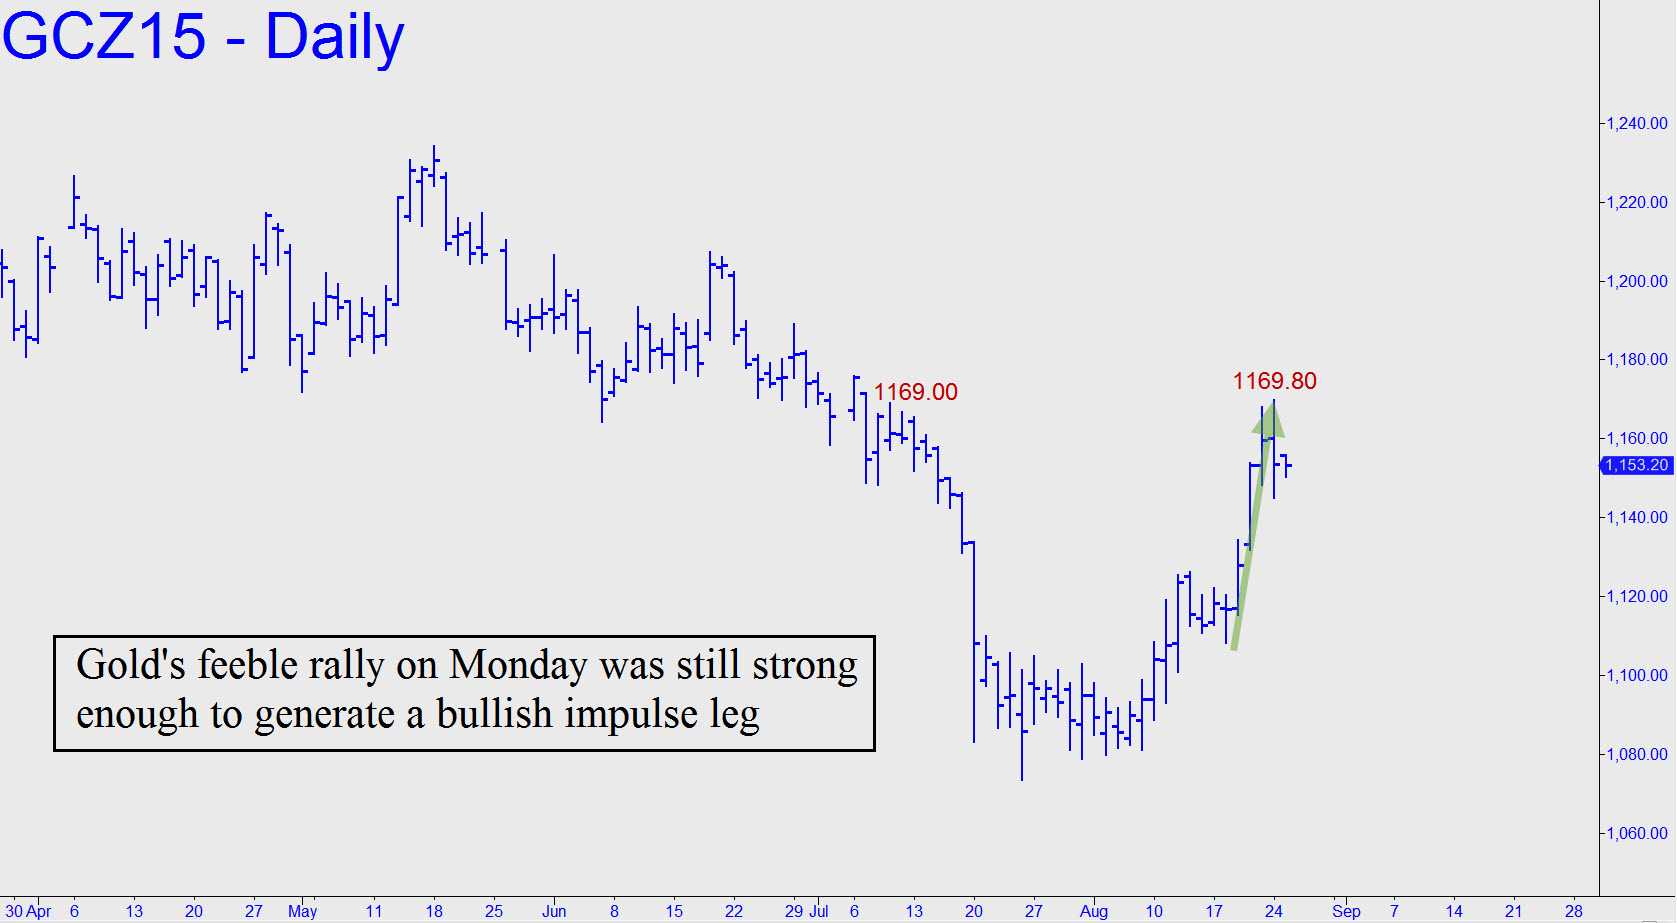 prix de l'or, de l'argent et des minières / suivi 2015 et ultérieurement - Page 4 Golds-feeble-rally